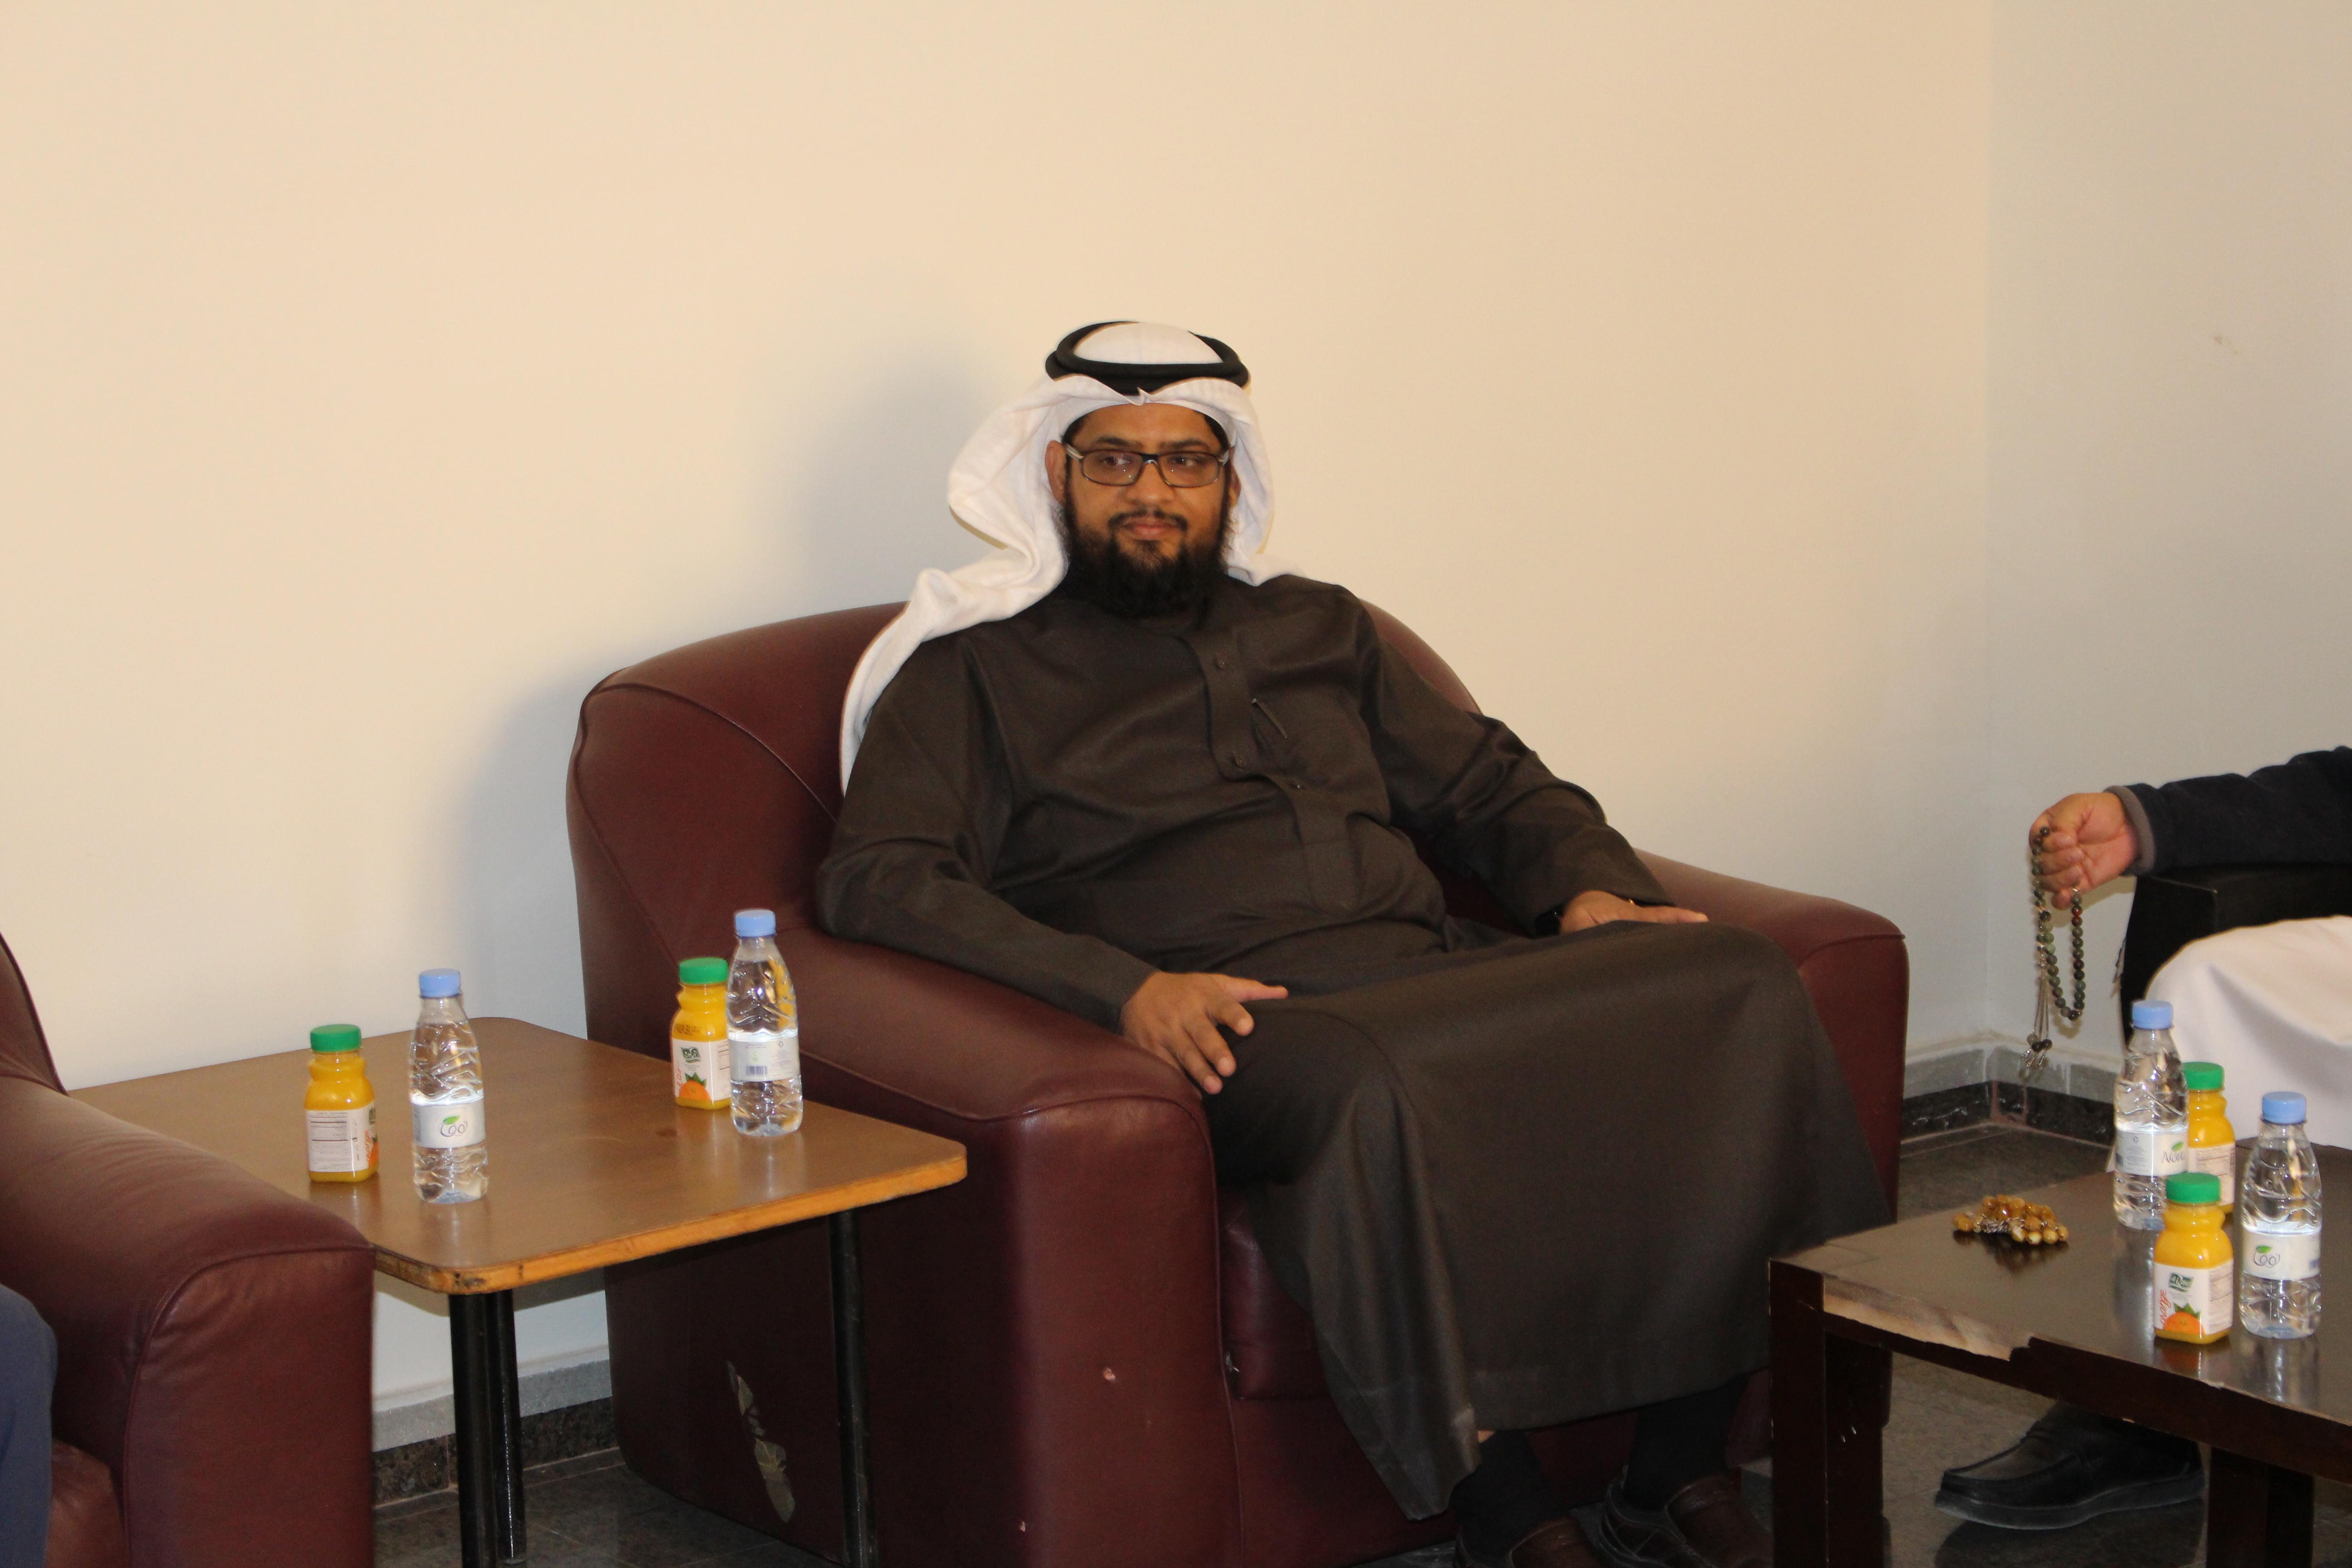 زيارة سعادة عميد كلية الأمير سلطان بن عبدالعزيز للخدمات الطبية الطارئة لموقع الكلية المؤقت